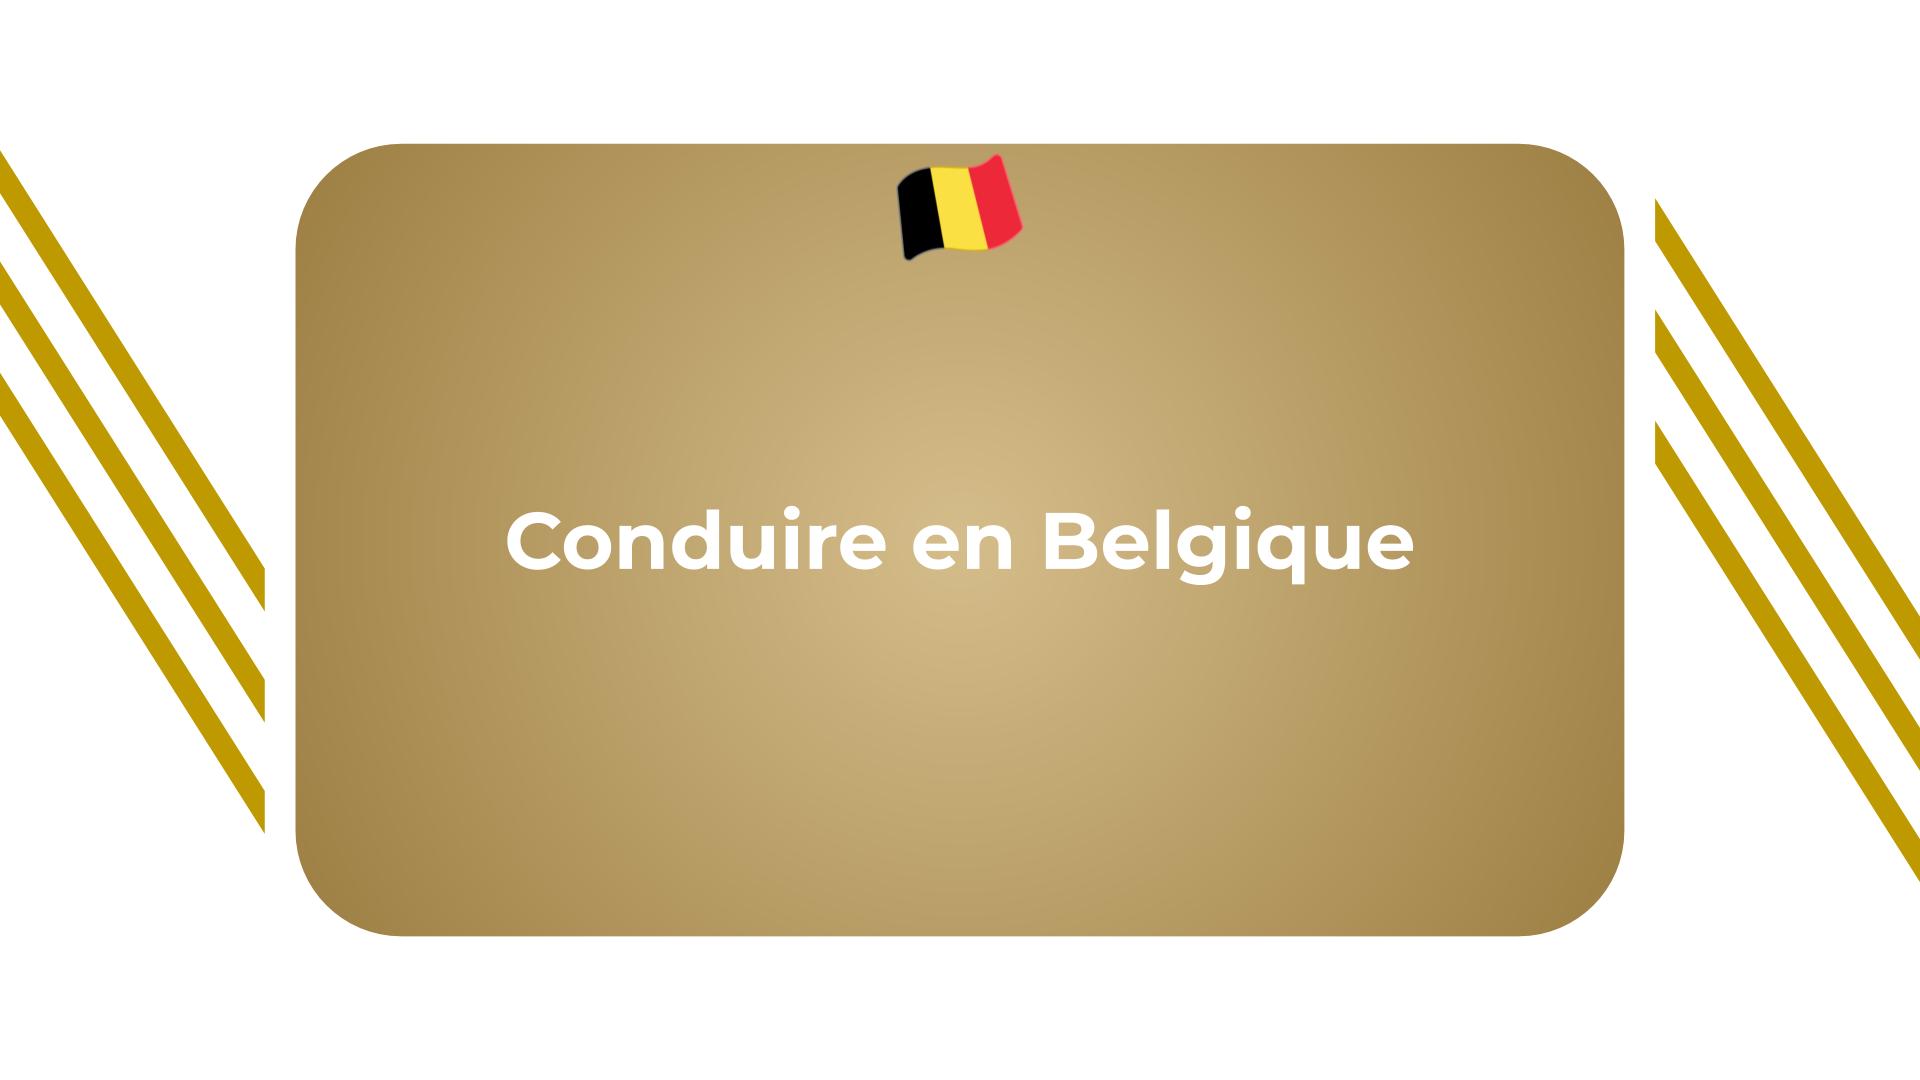 Conduire en Belgique